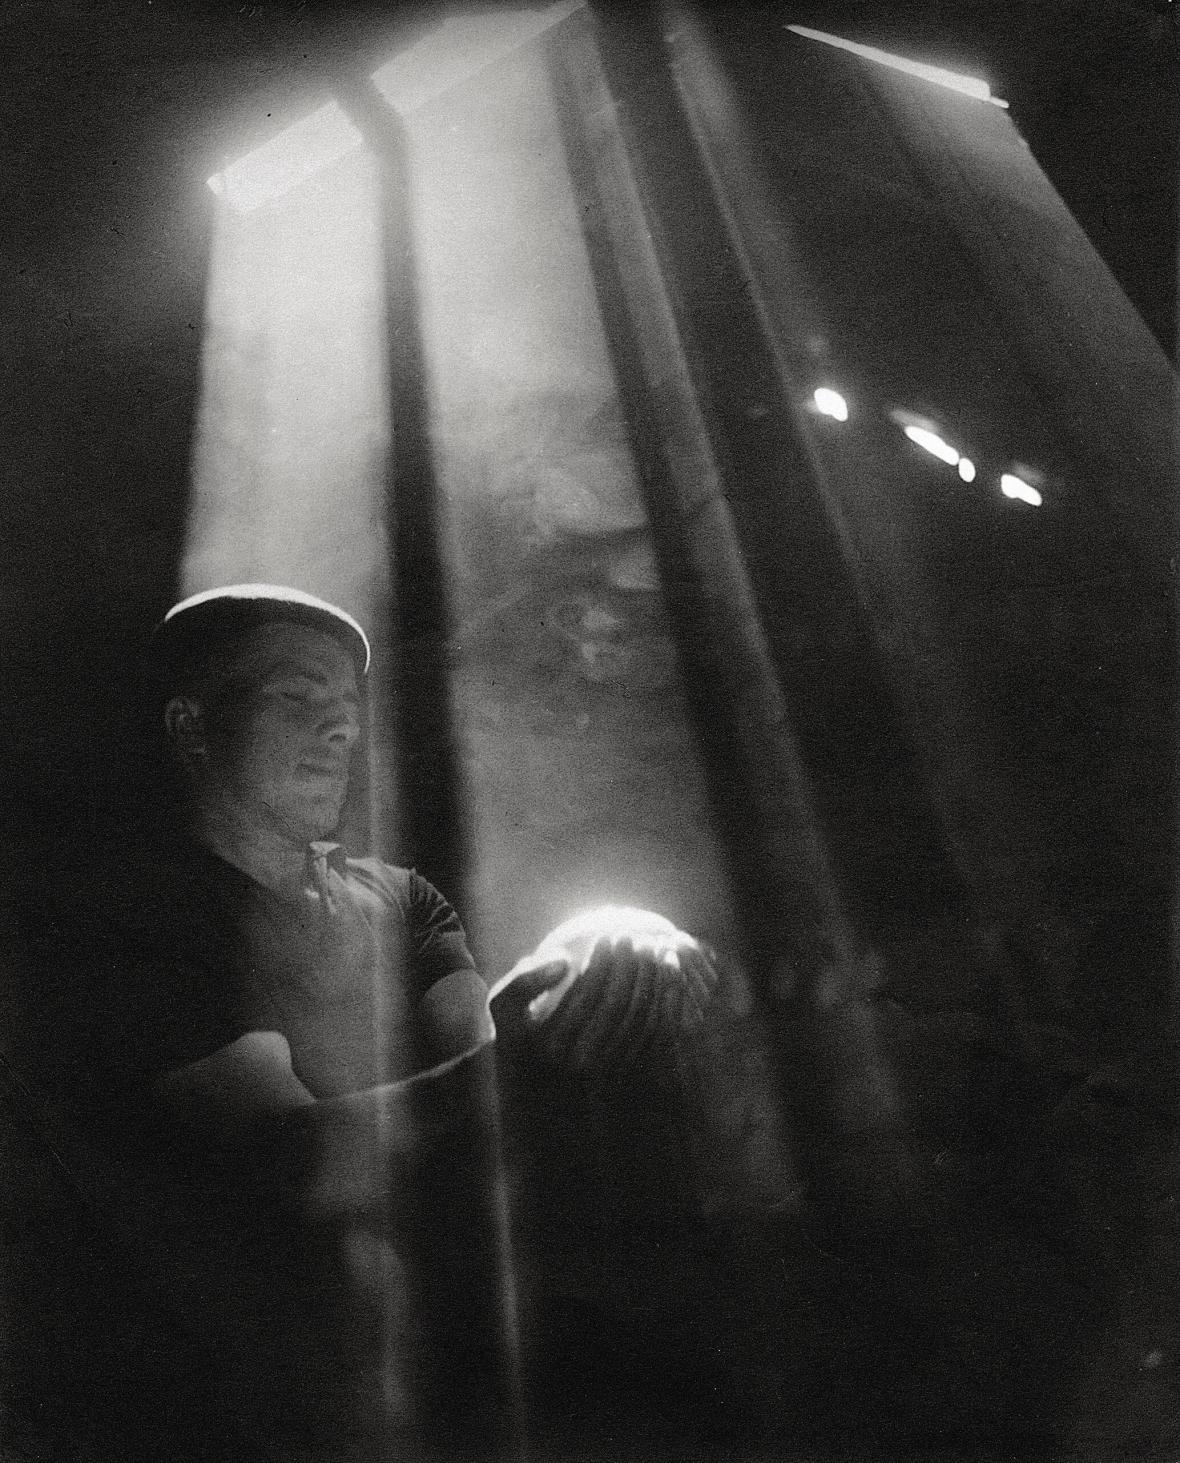 Kouzelník, 1953